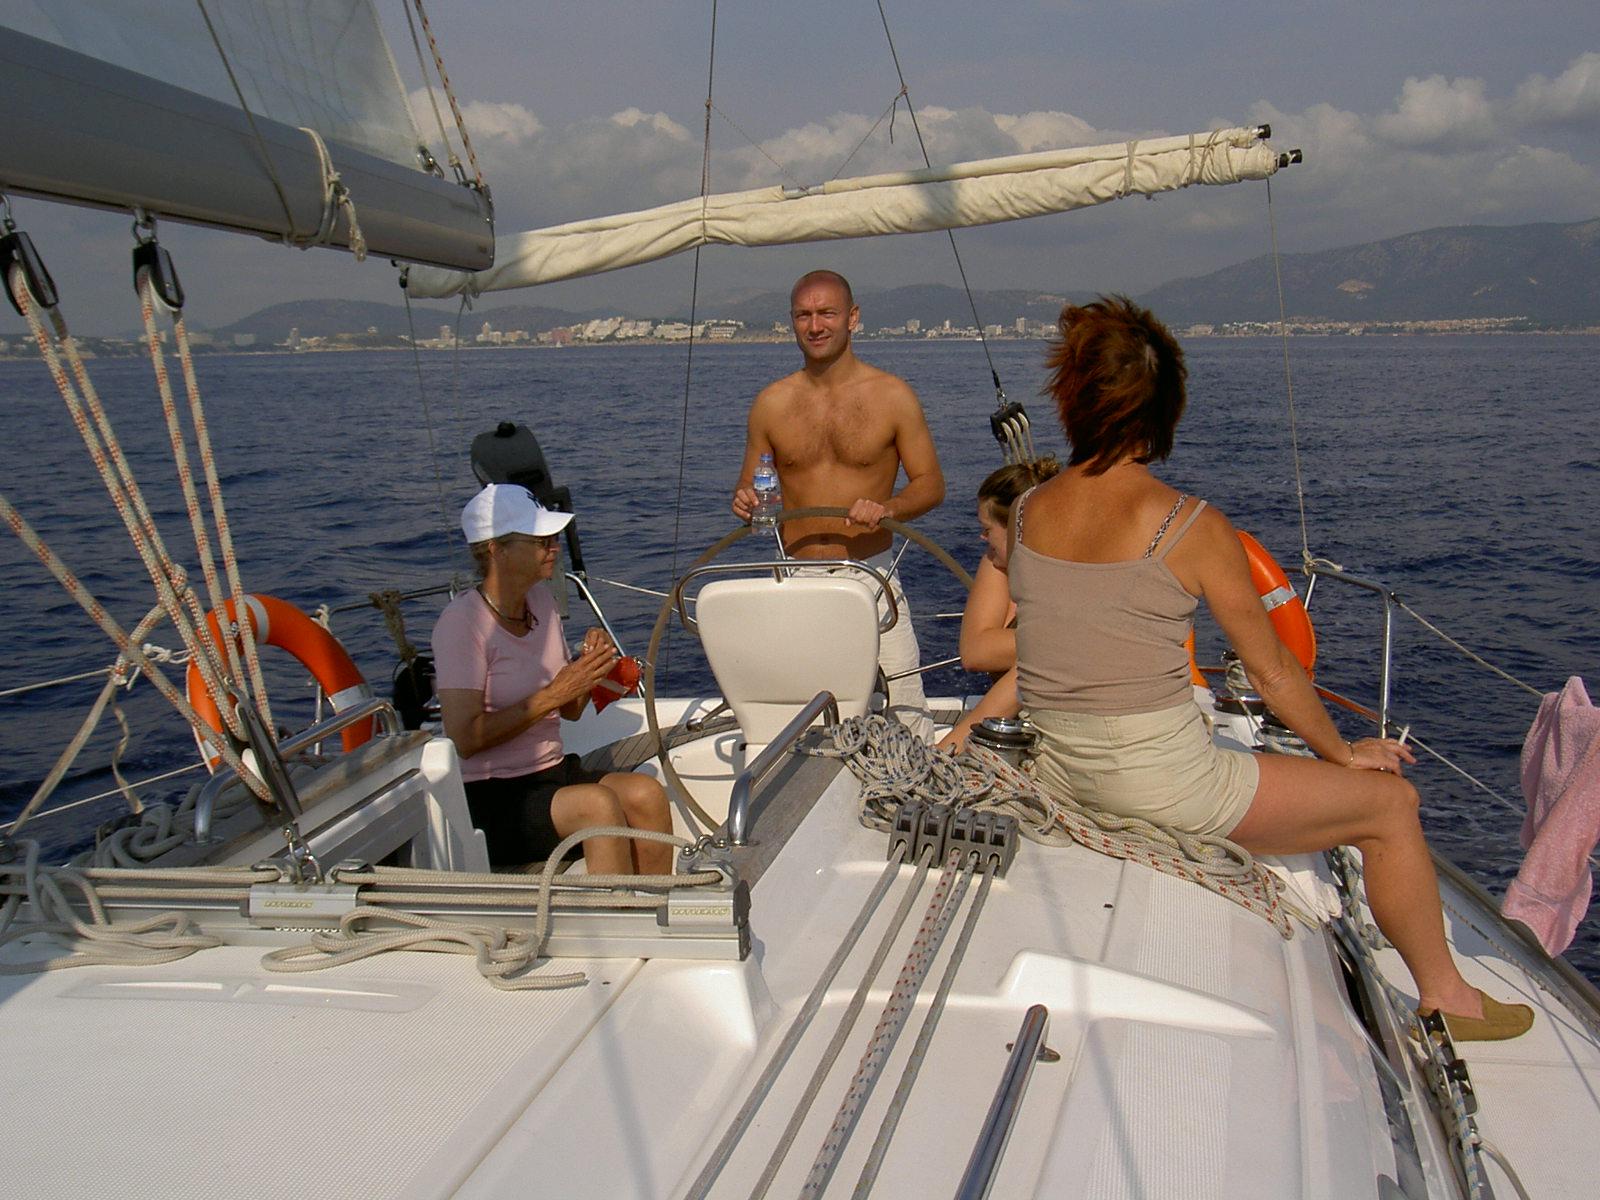 lær at sejle en sejlbåd